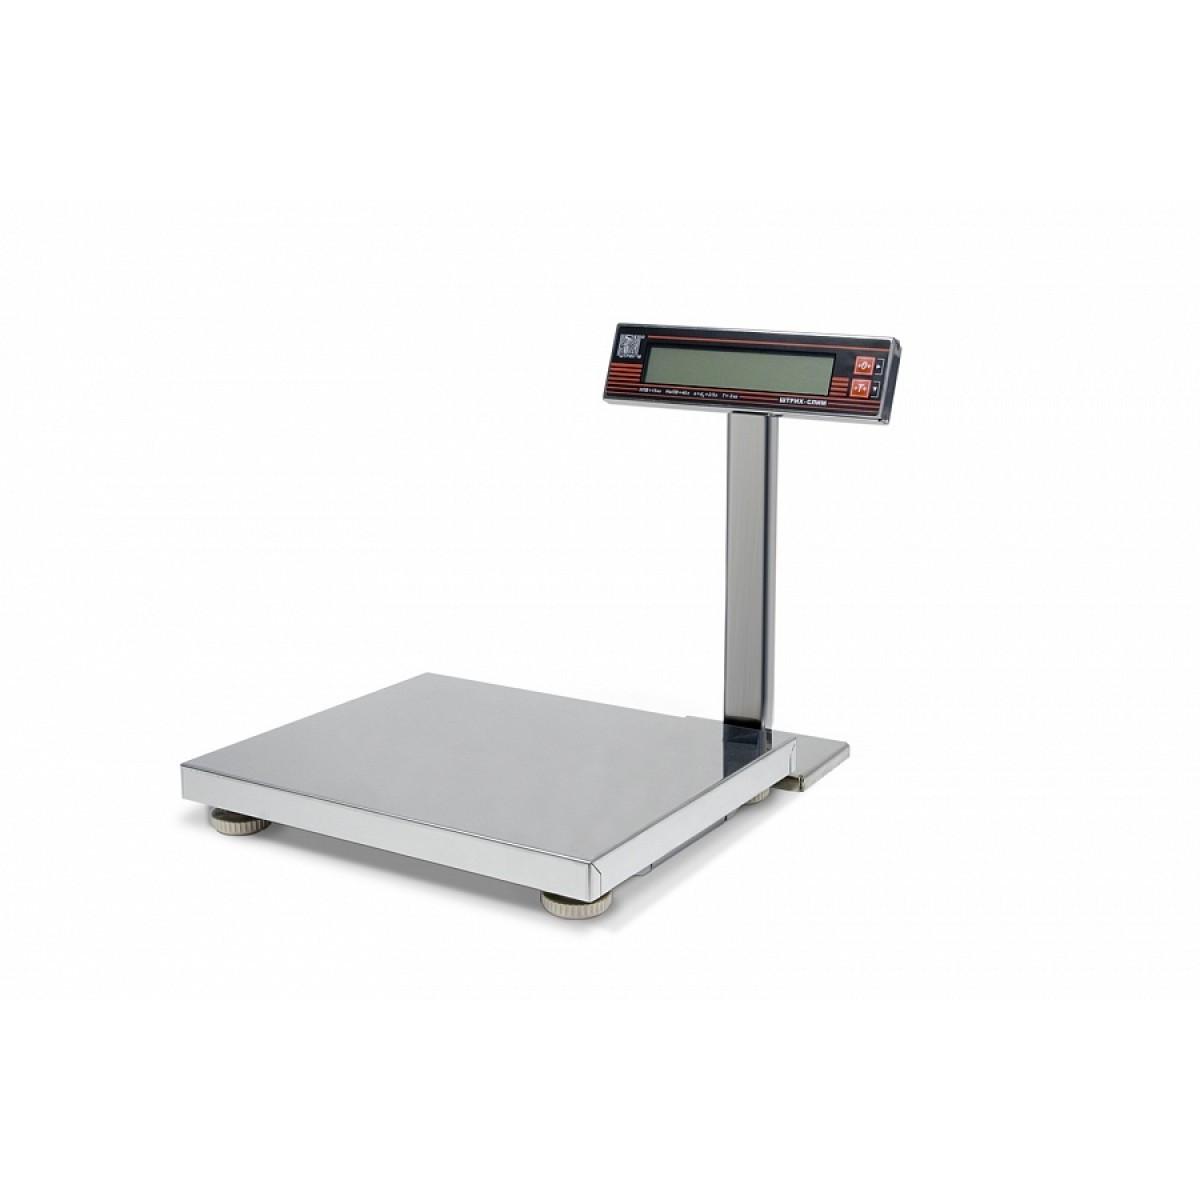 Весы настольные Штрих-СЛИМ 200М 15-2.5 системные USB